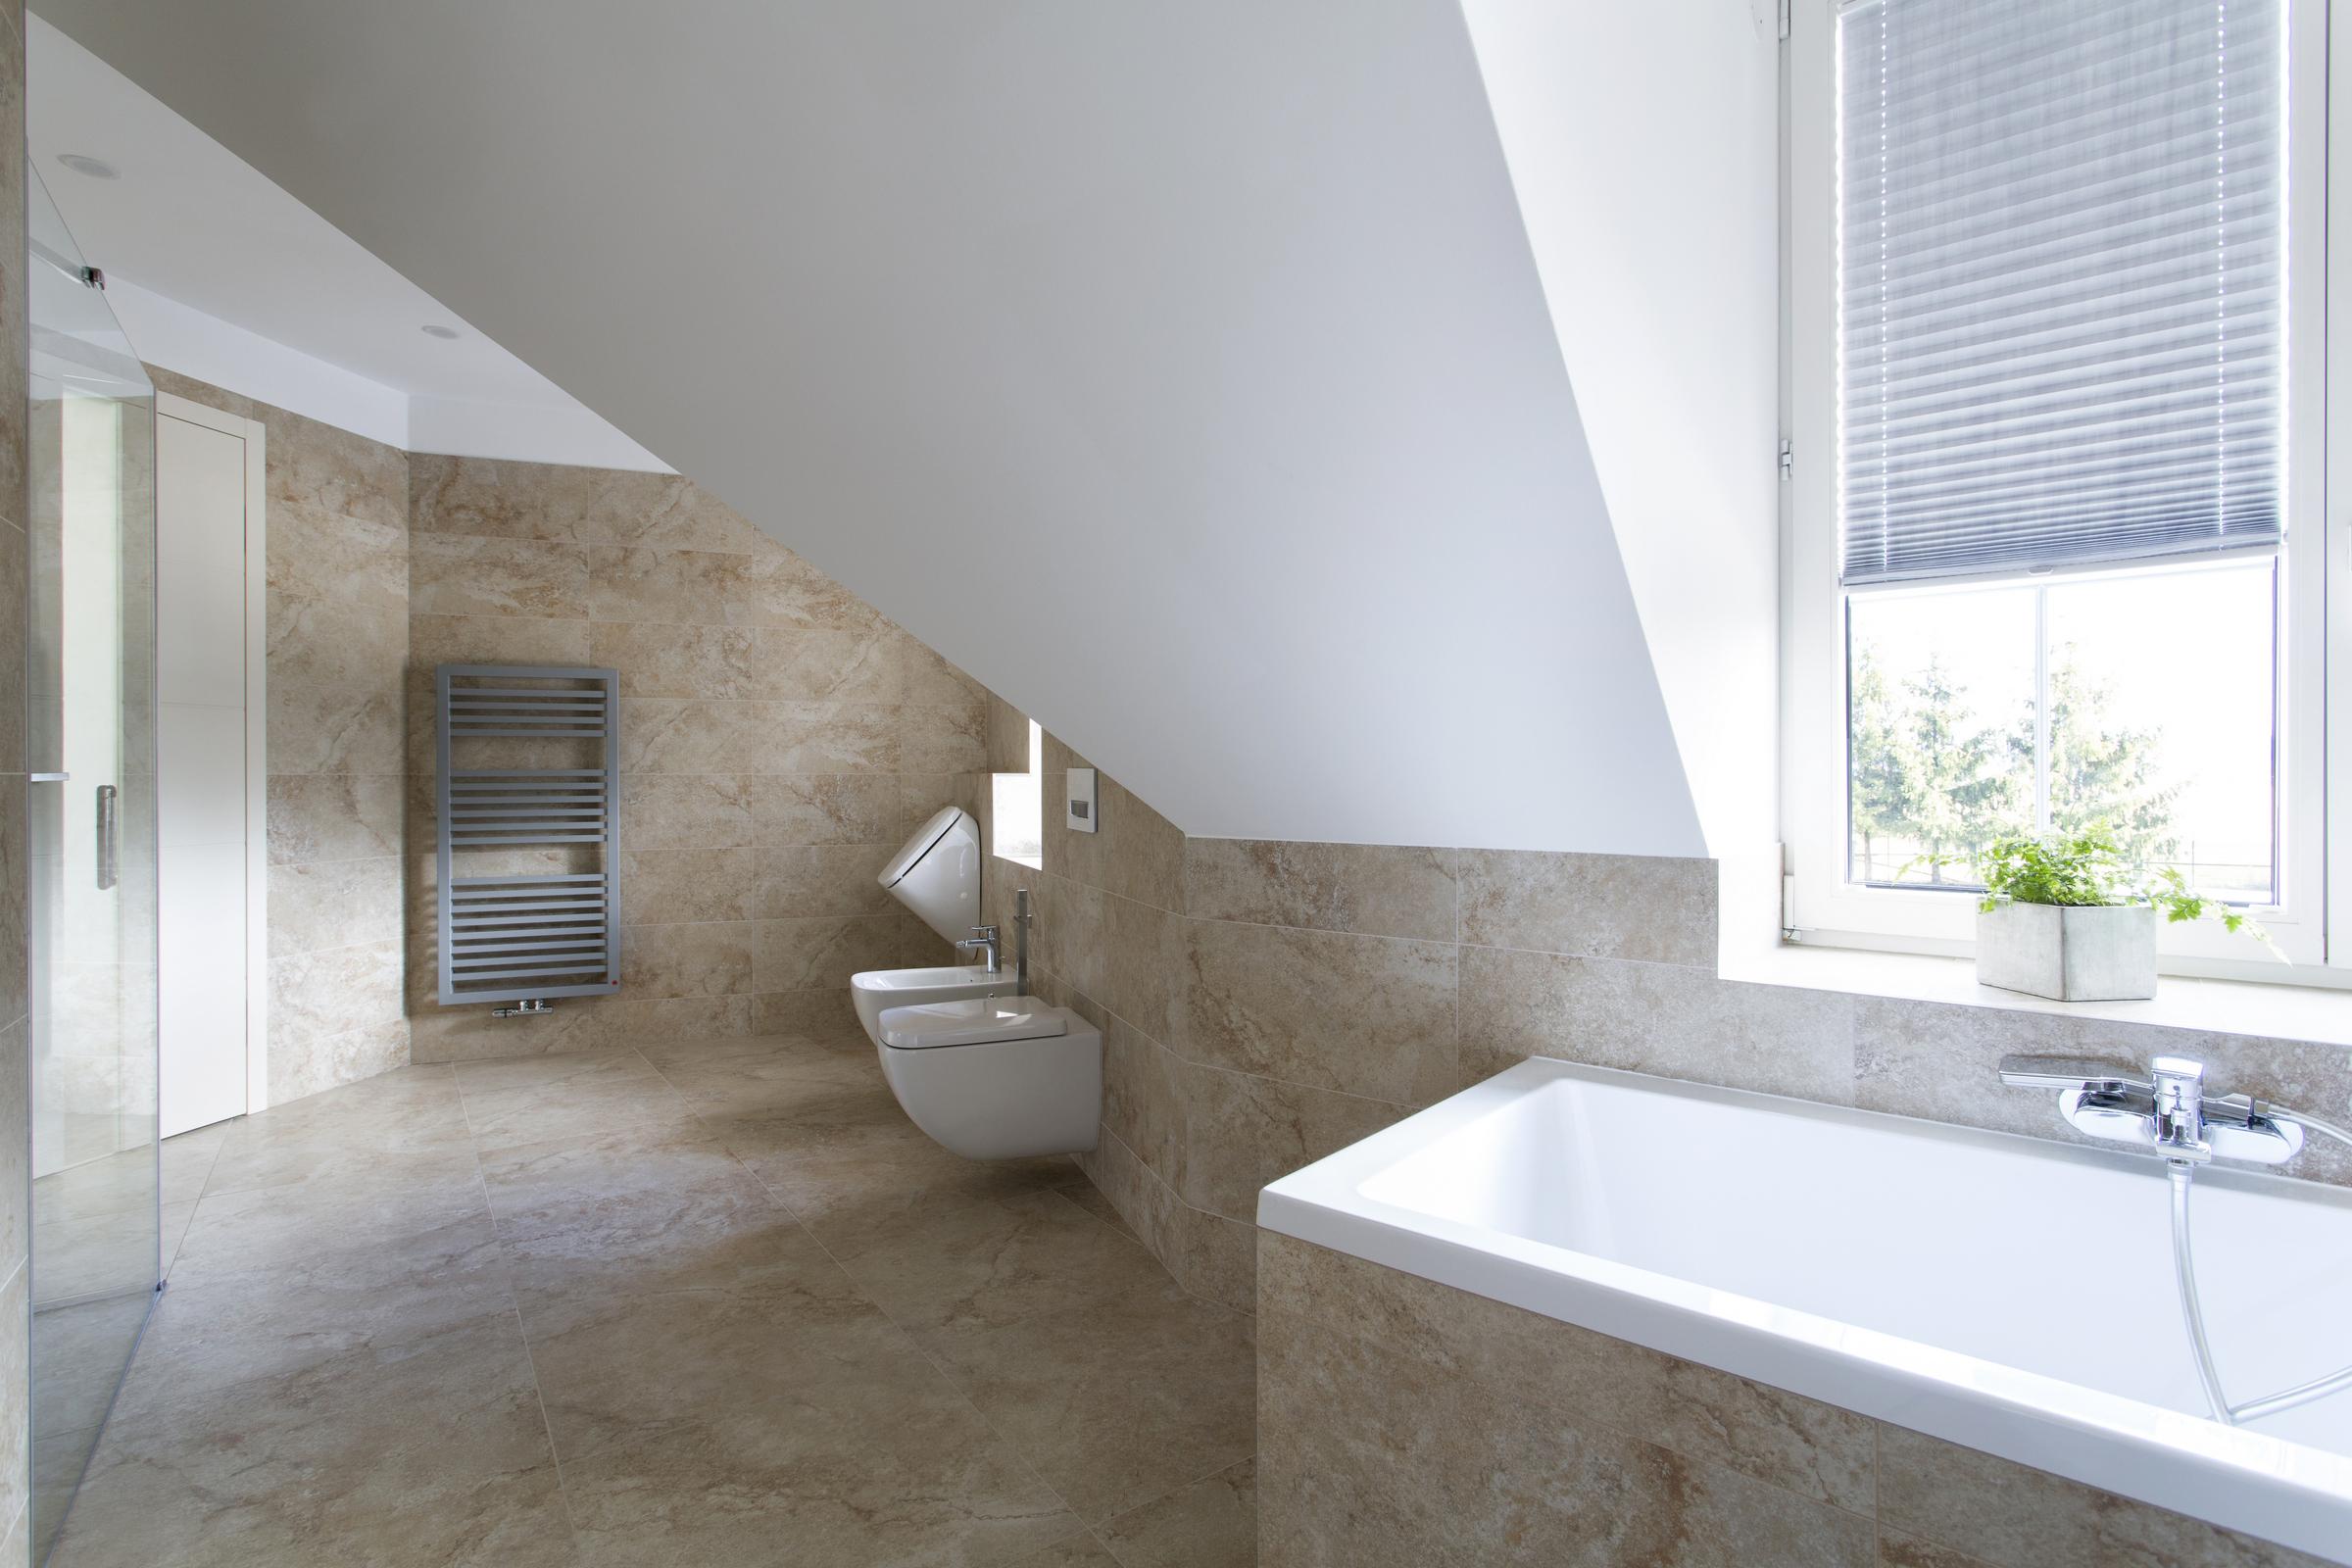 aleluia-koupelna-obklady-dlazba-design-kamene-duomo